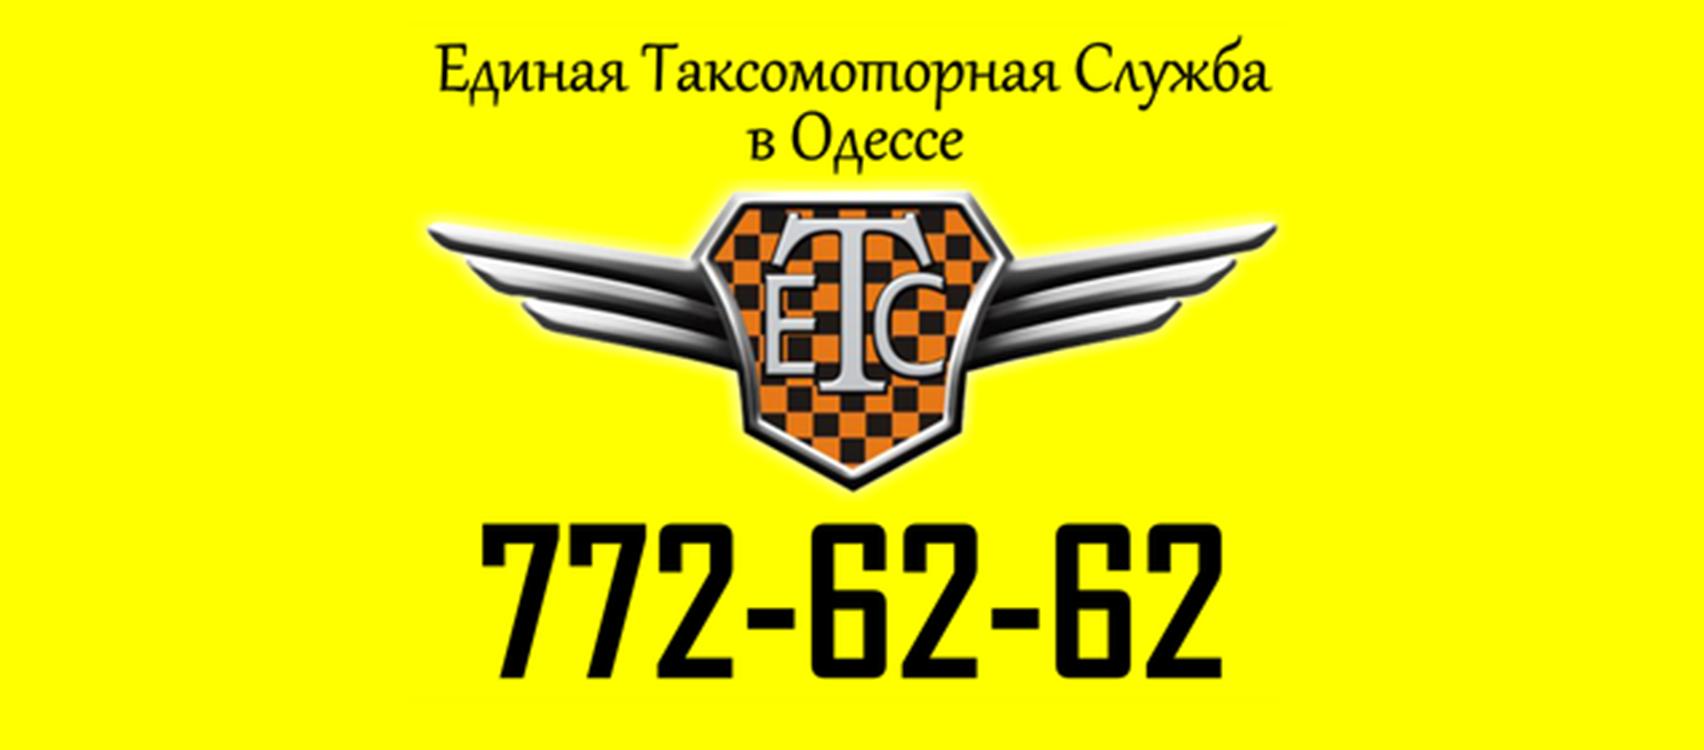 Таксі ЕТС  (Одеса)